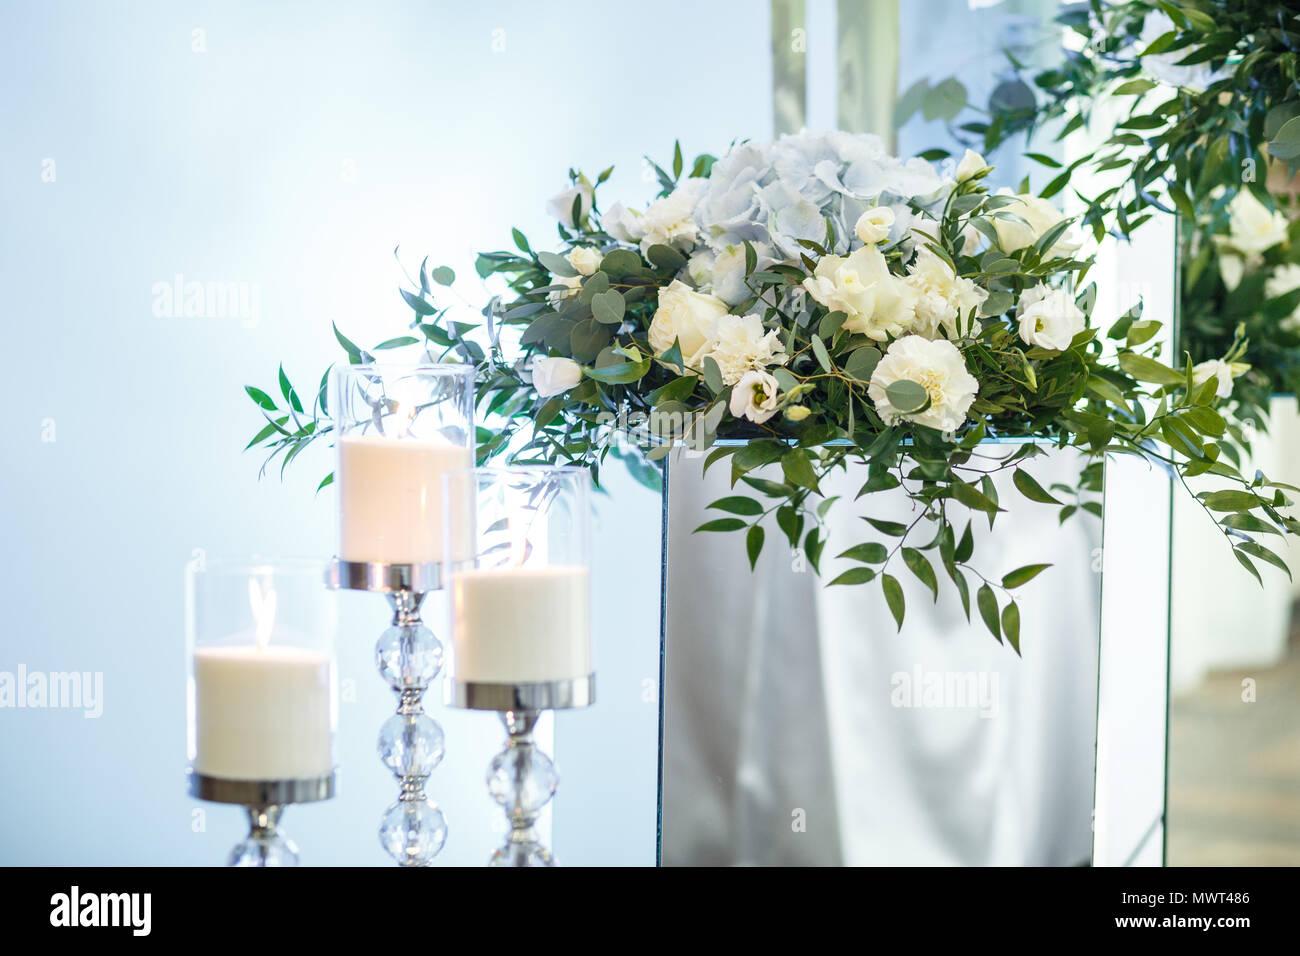 Hochzeit Dekoration Kerze Auf Der Veranstaltung Oder Hochzeitsfeier